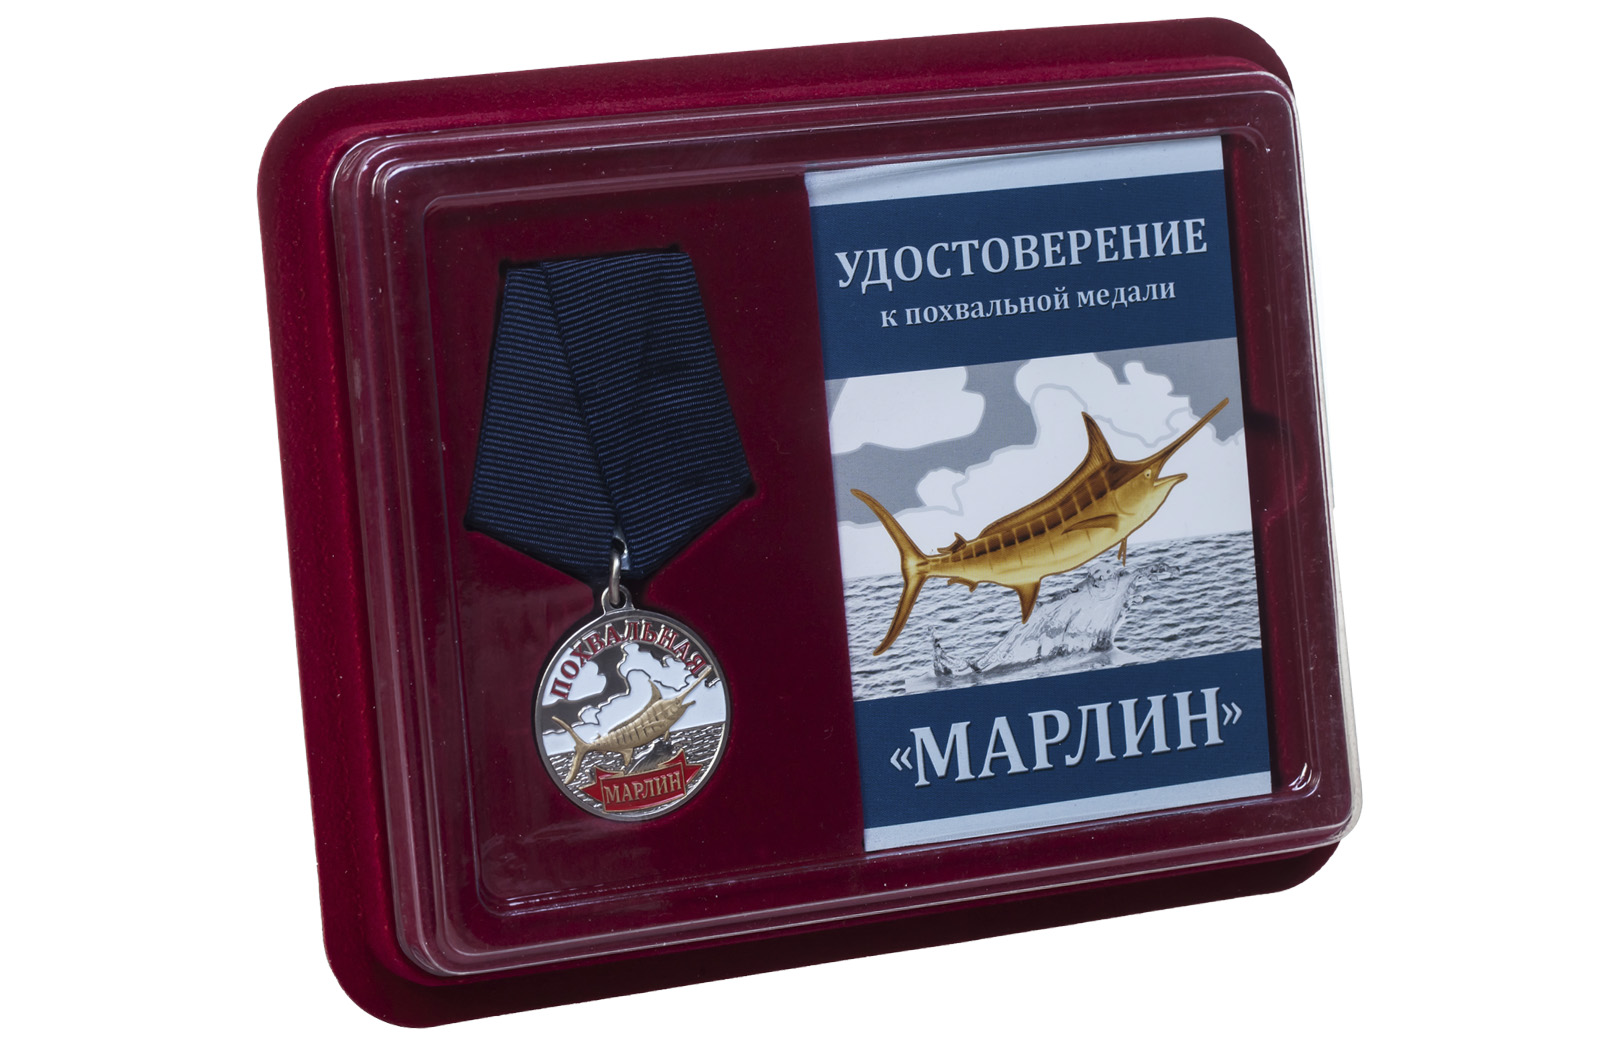 Медаль похвальная Марлин - в футляре с удостоверением